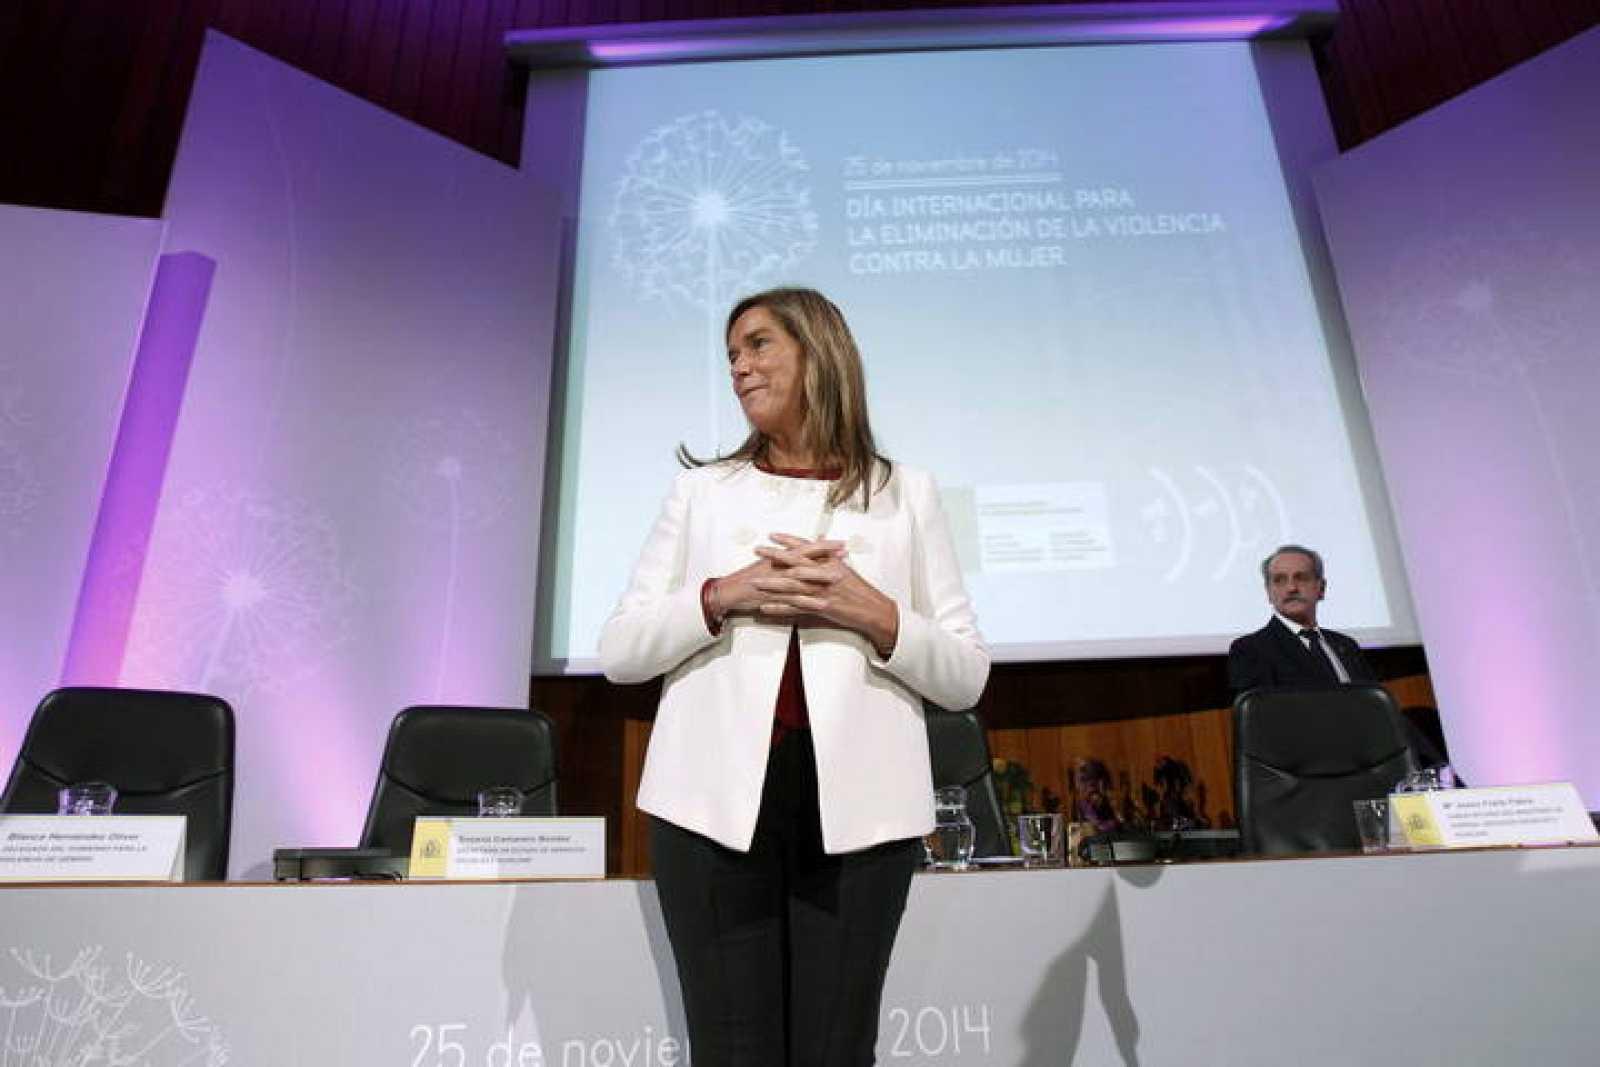 La ministra Ana Mato, en un acto en el Ministerio de Sanidad en el Día Internacional para la Eliminación de la Violencia contra la Mujer.